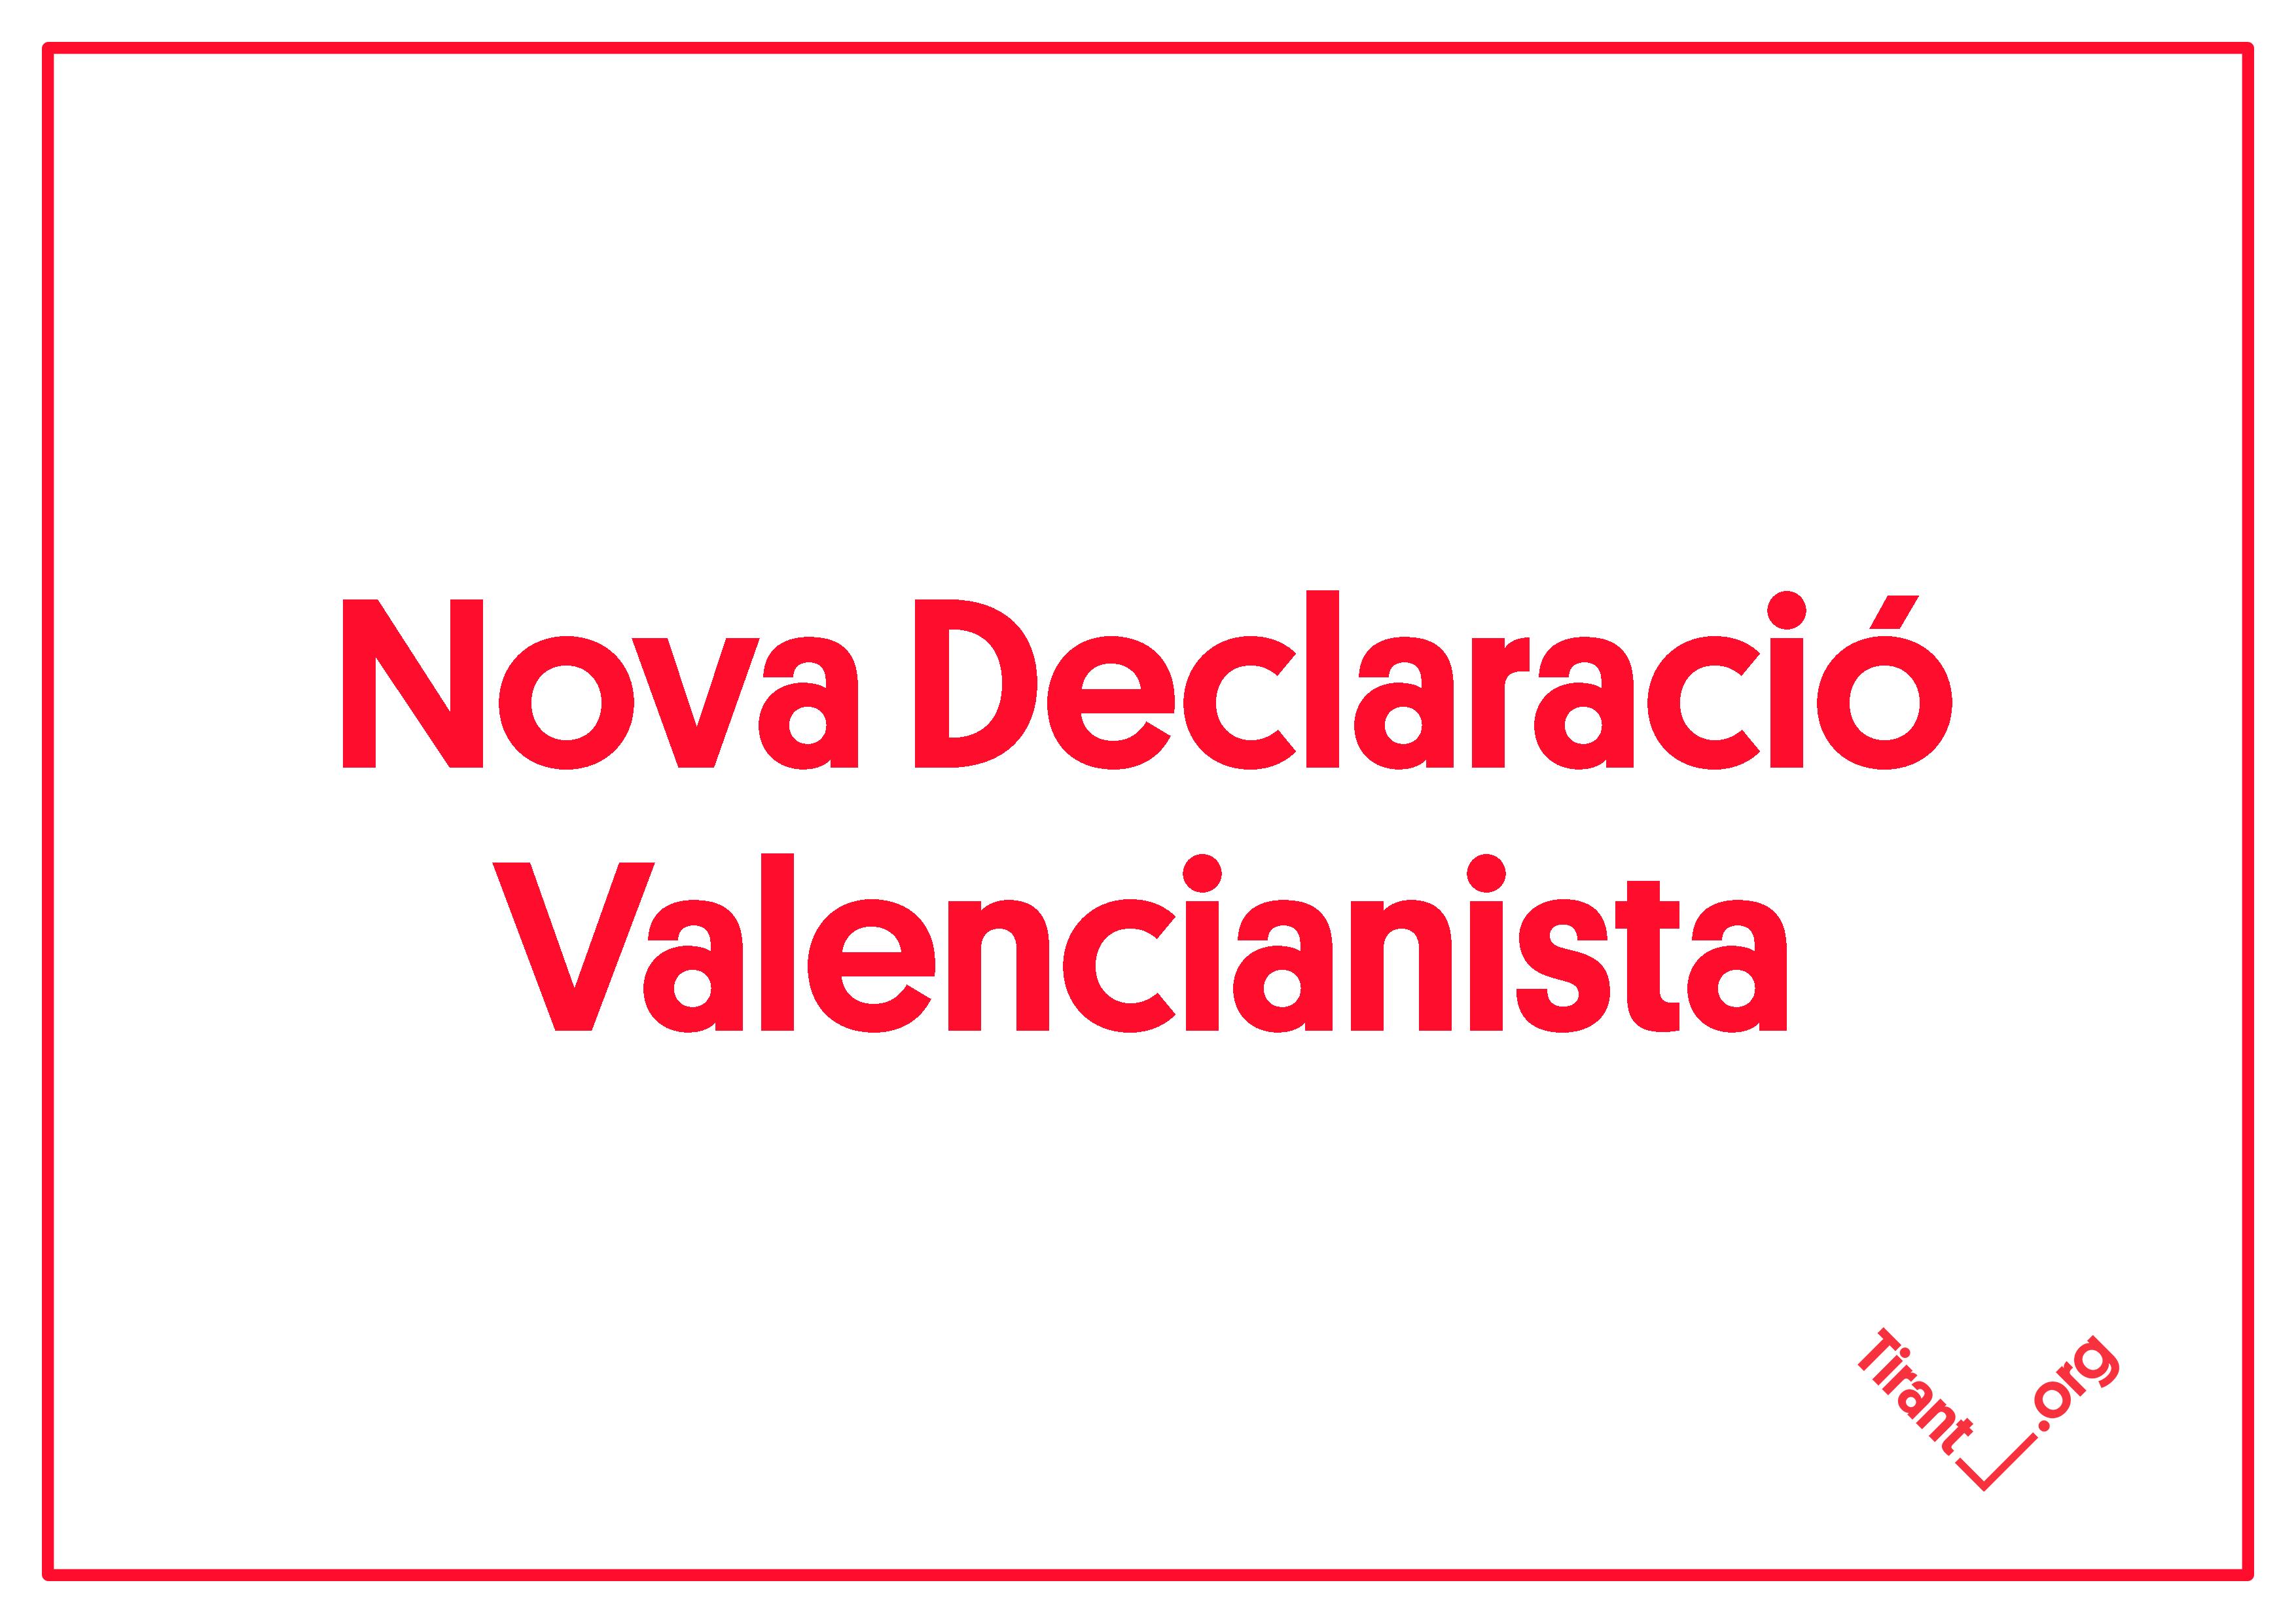 S'obri el procés d'elaboració de la Nova Declaració Valencianista